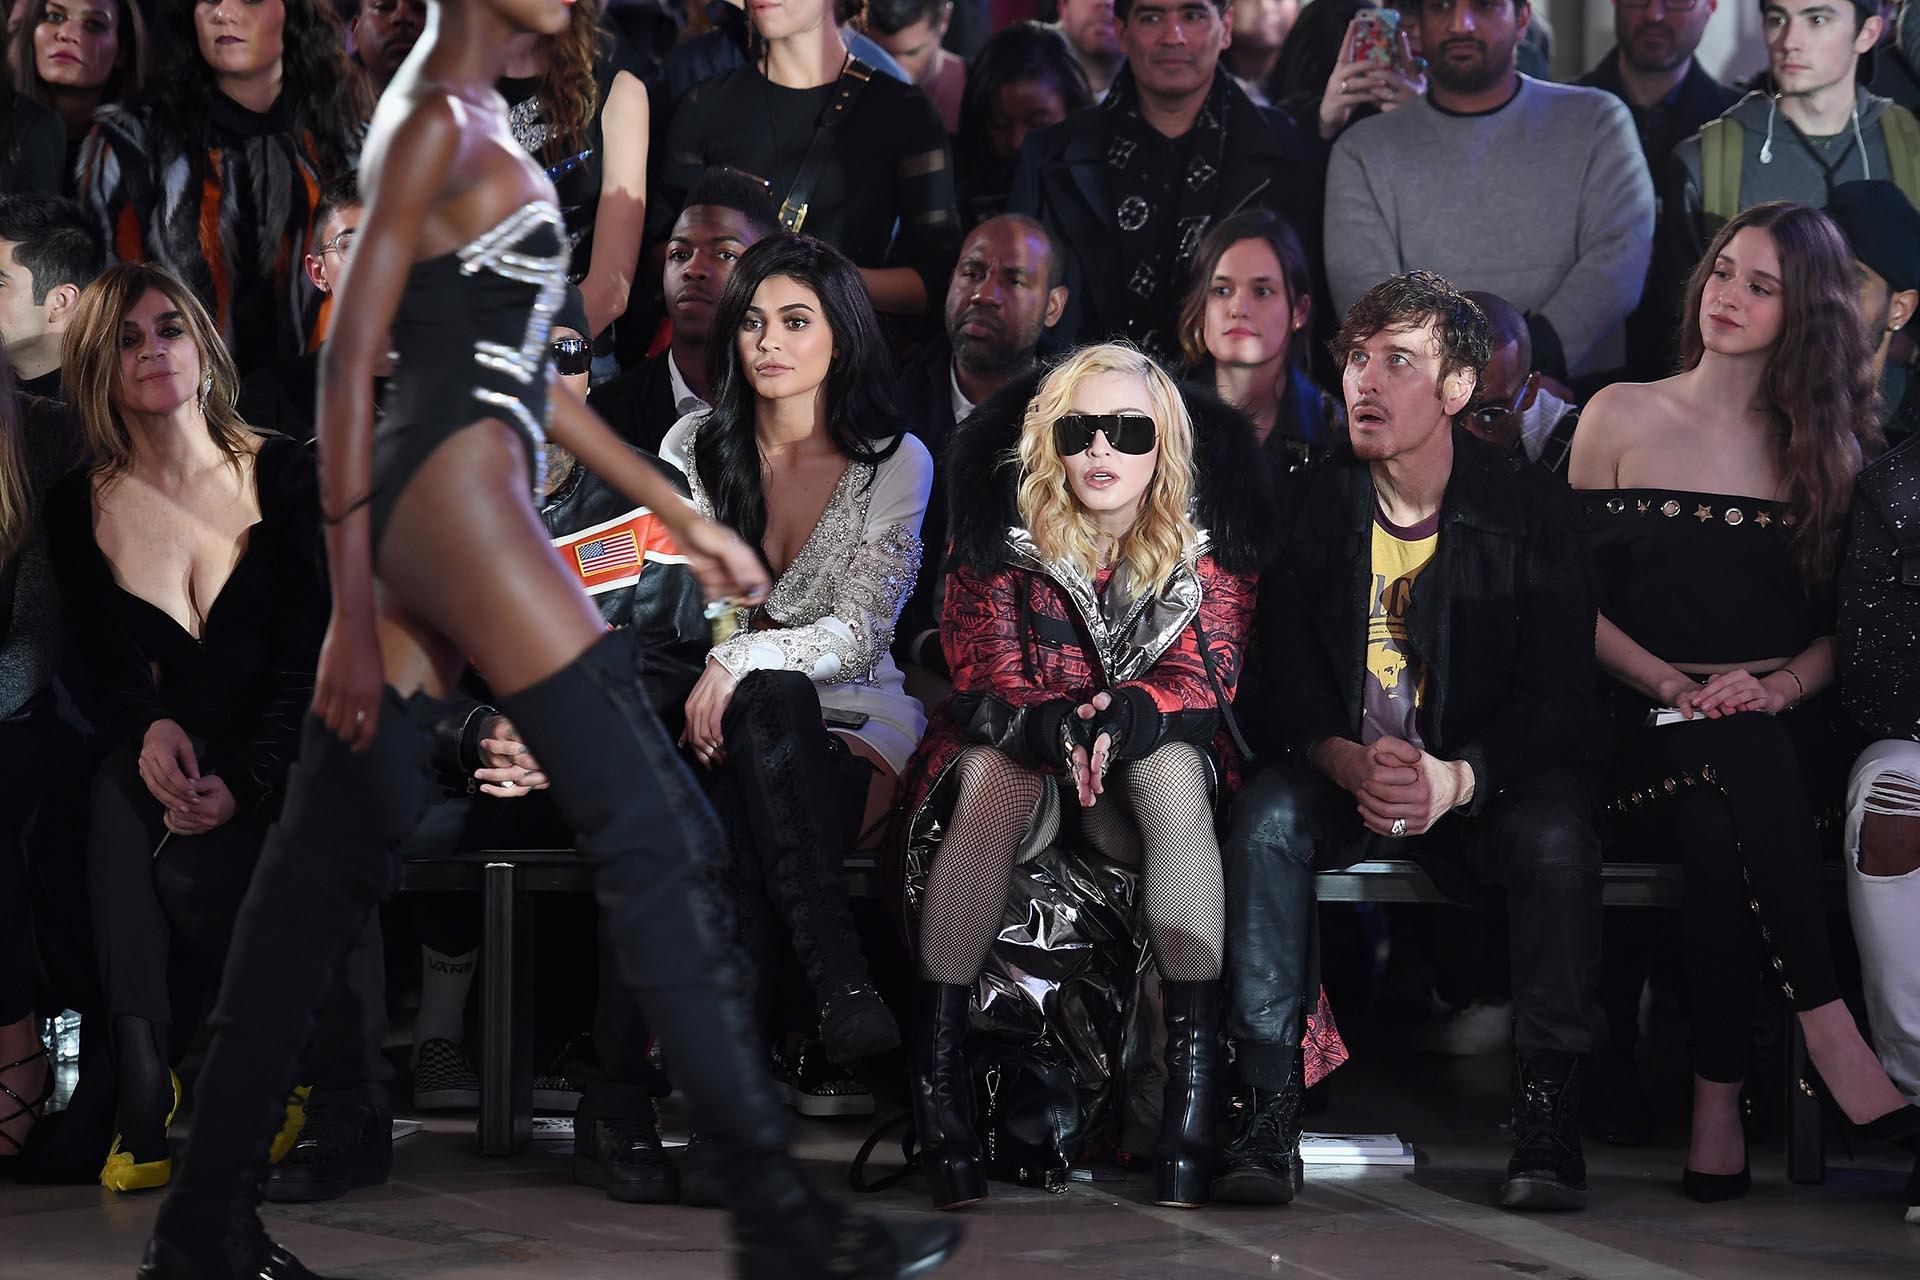 Sentada en primera fila, la reina del pop disfrutó de la nueva colección del diseñador, que presentó su propuesta Fall/Winter 2017/2018 en la Biblioteca Pública de Nueva York